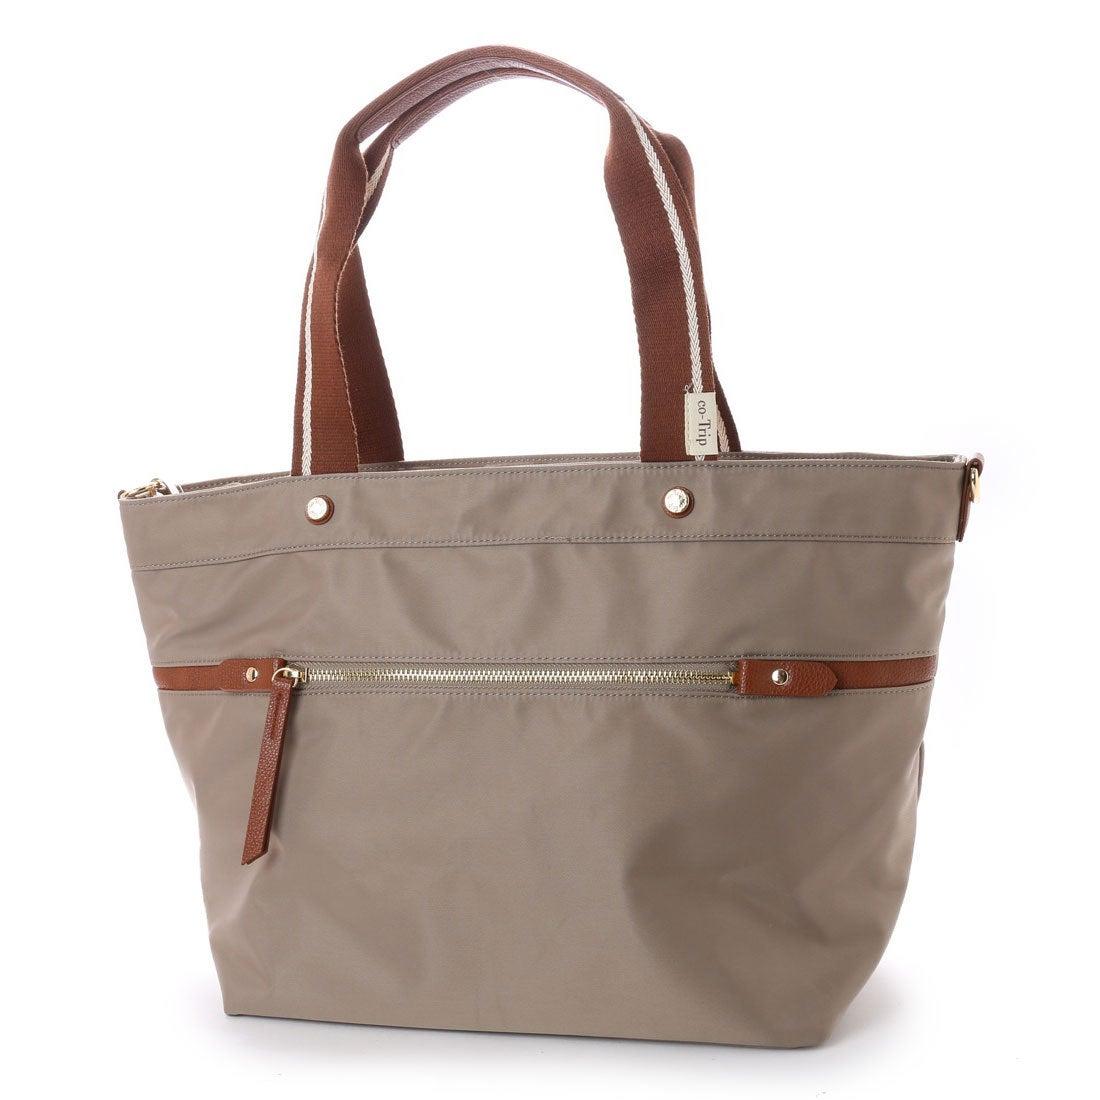 コトリップ ことりっぷ 軽量 普段使いから軽旅行まで ことりっぷ 大きめトートバッグ (ベージュ) レディース